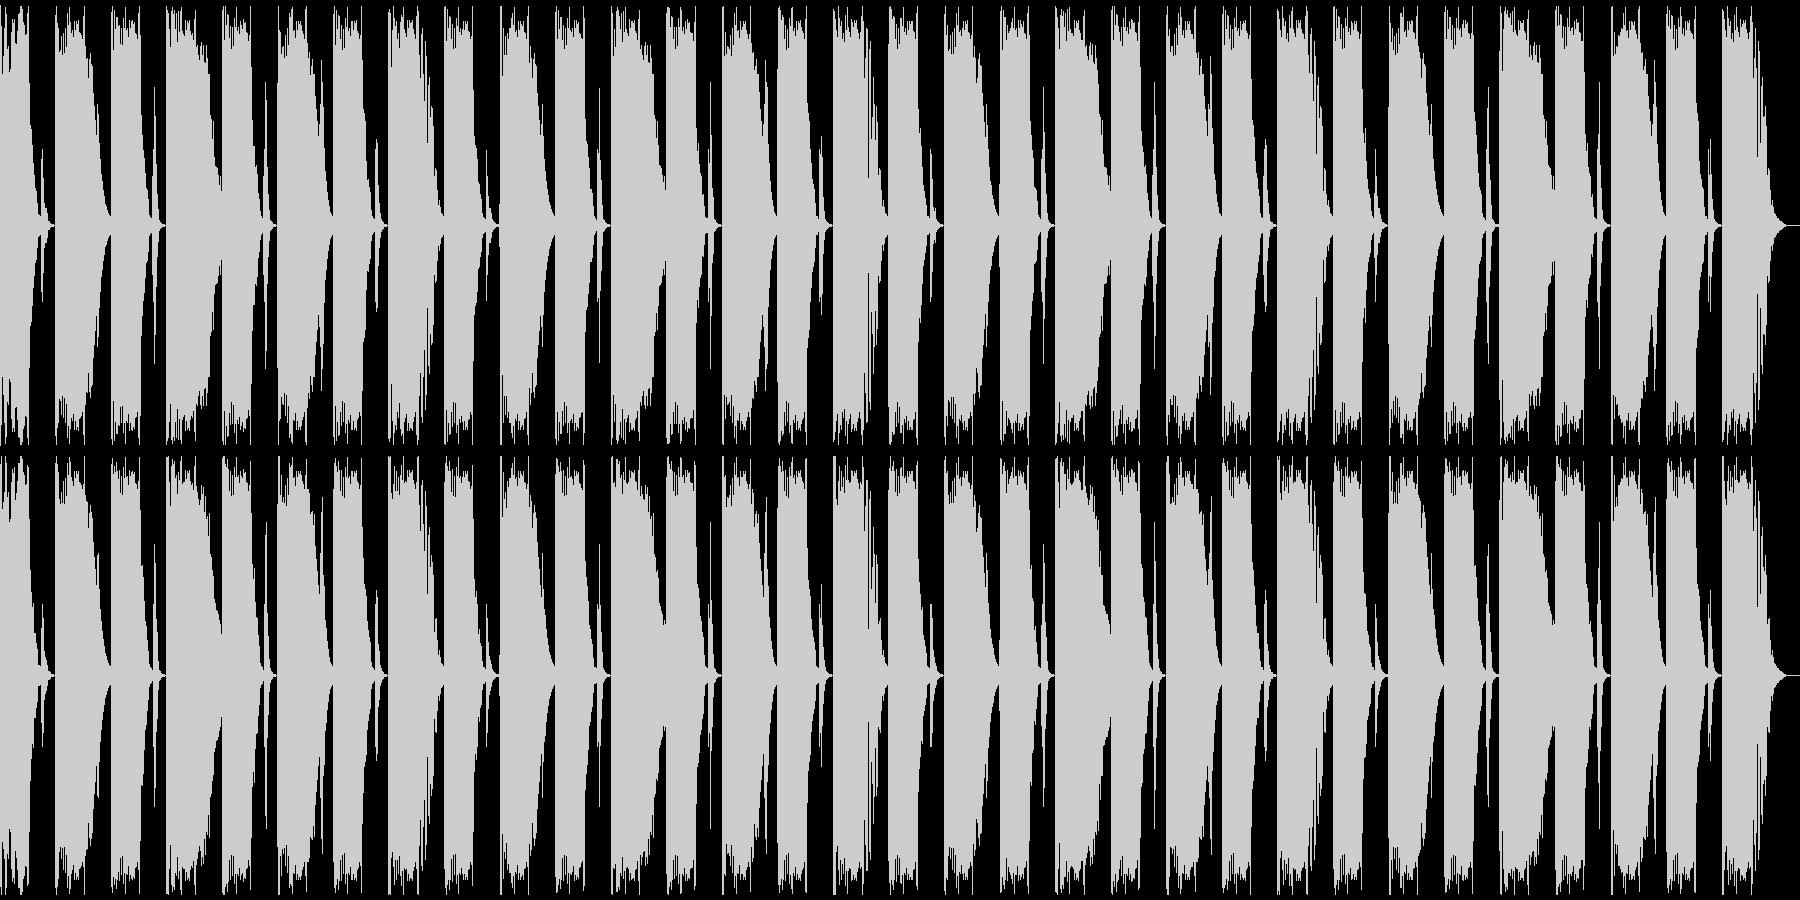 【エレクトロニカ】ロング2、ジングル3の未再生の波形